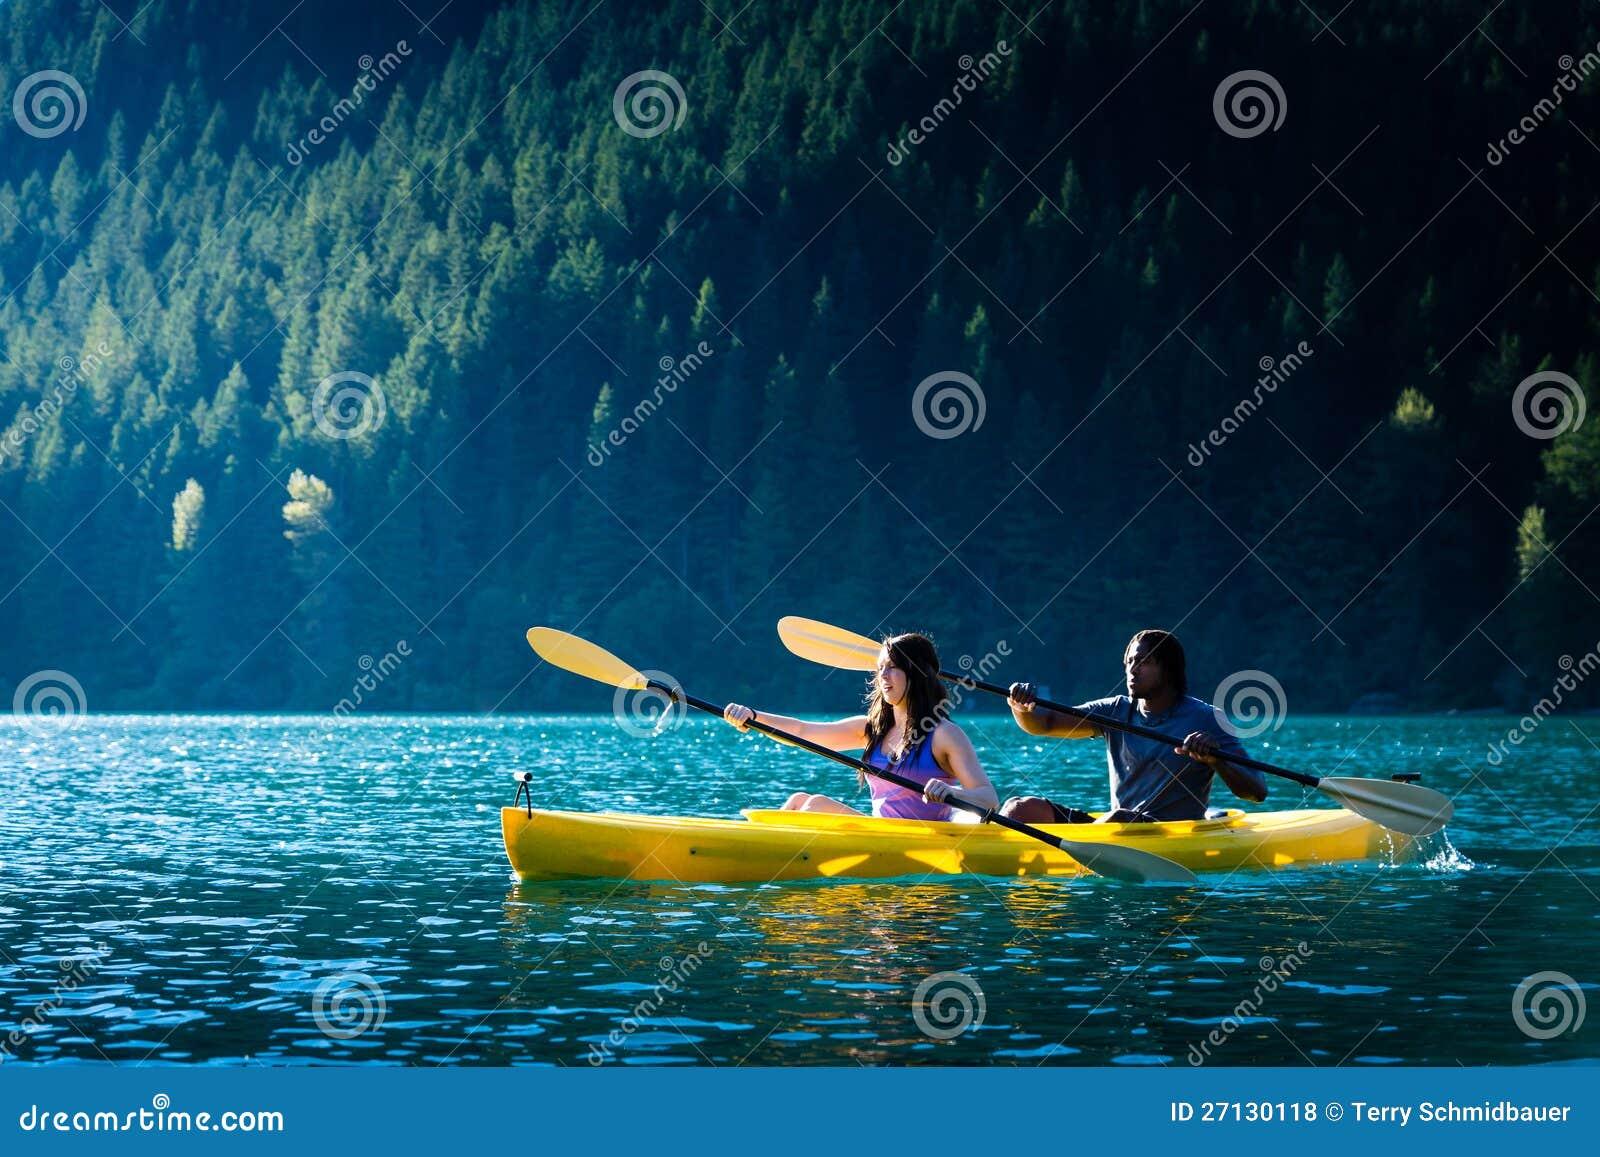 湖划皮船的夫妇